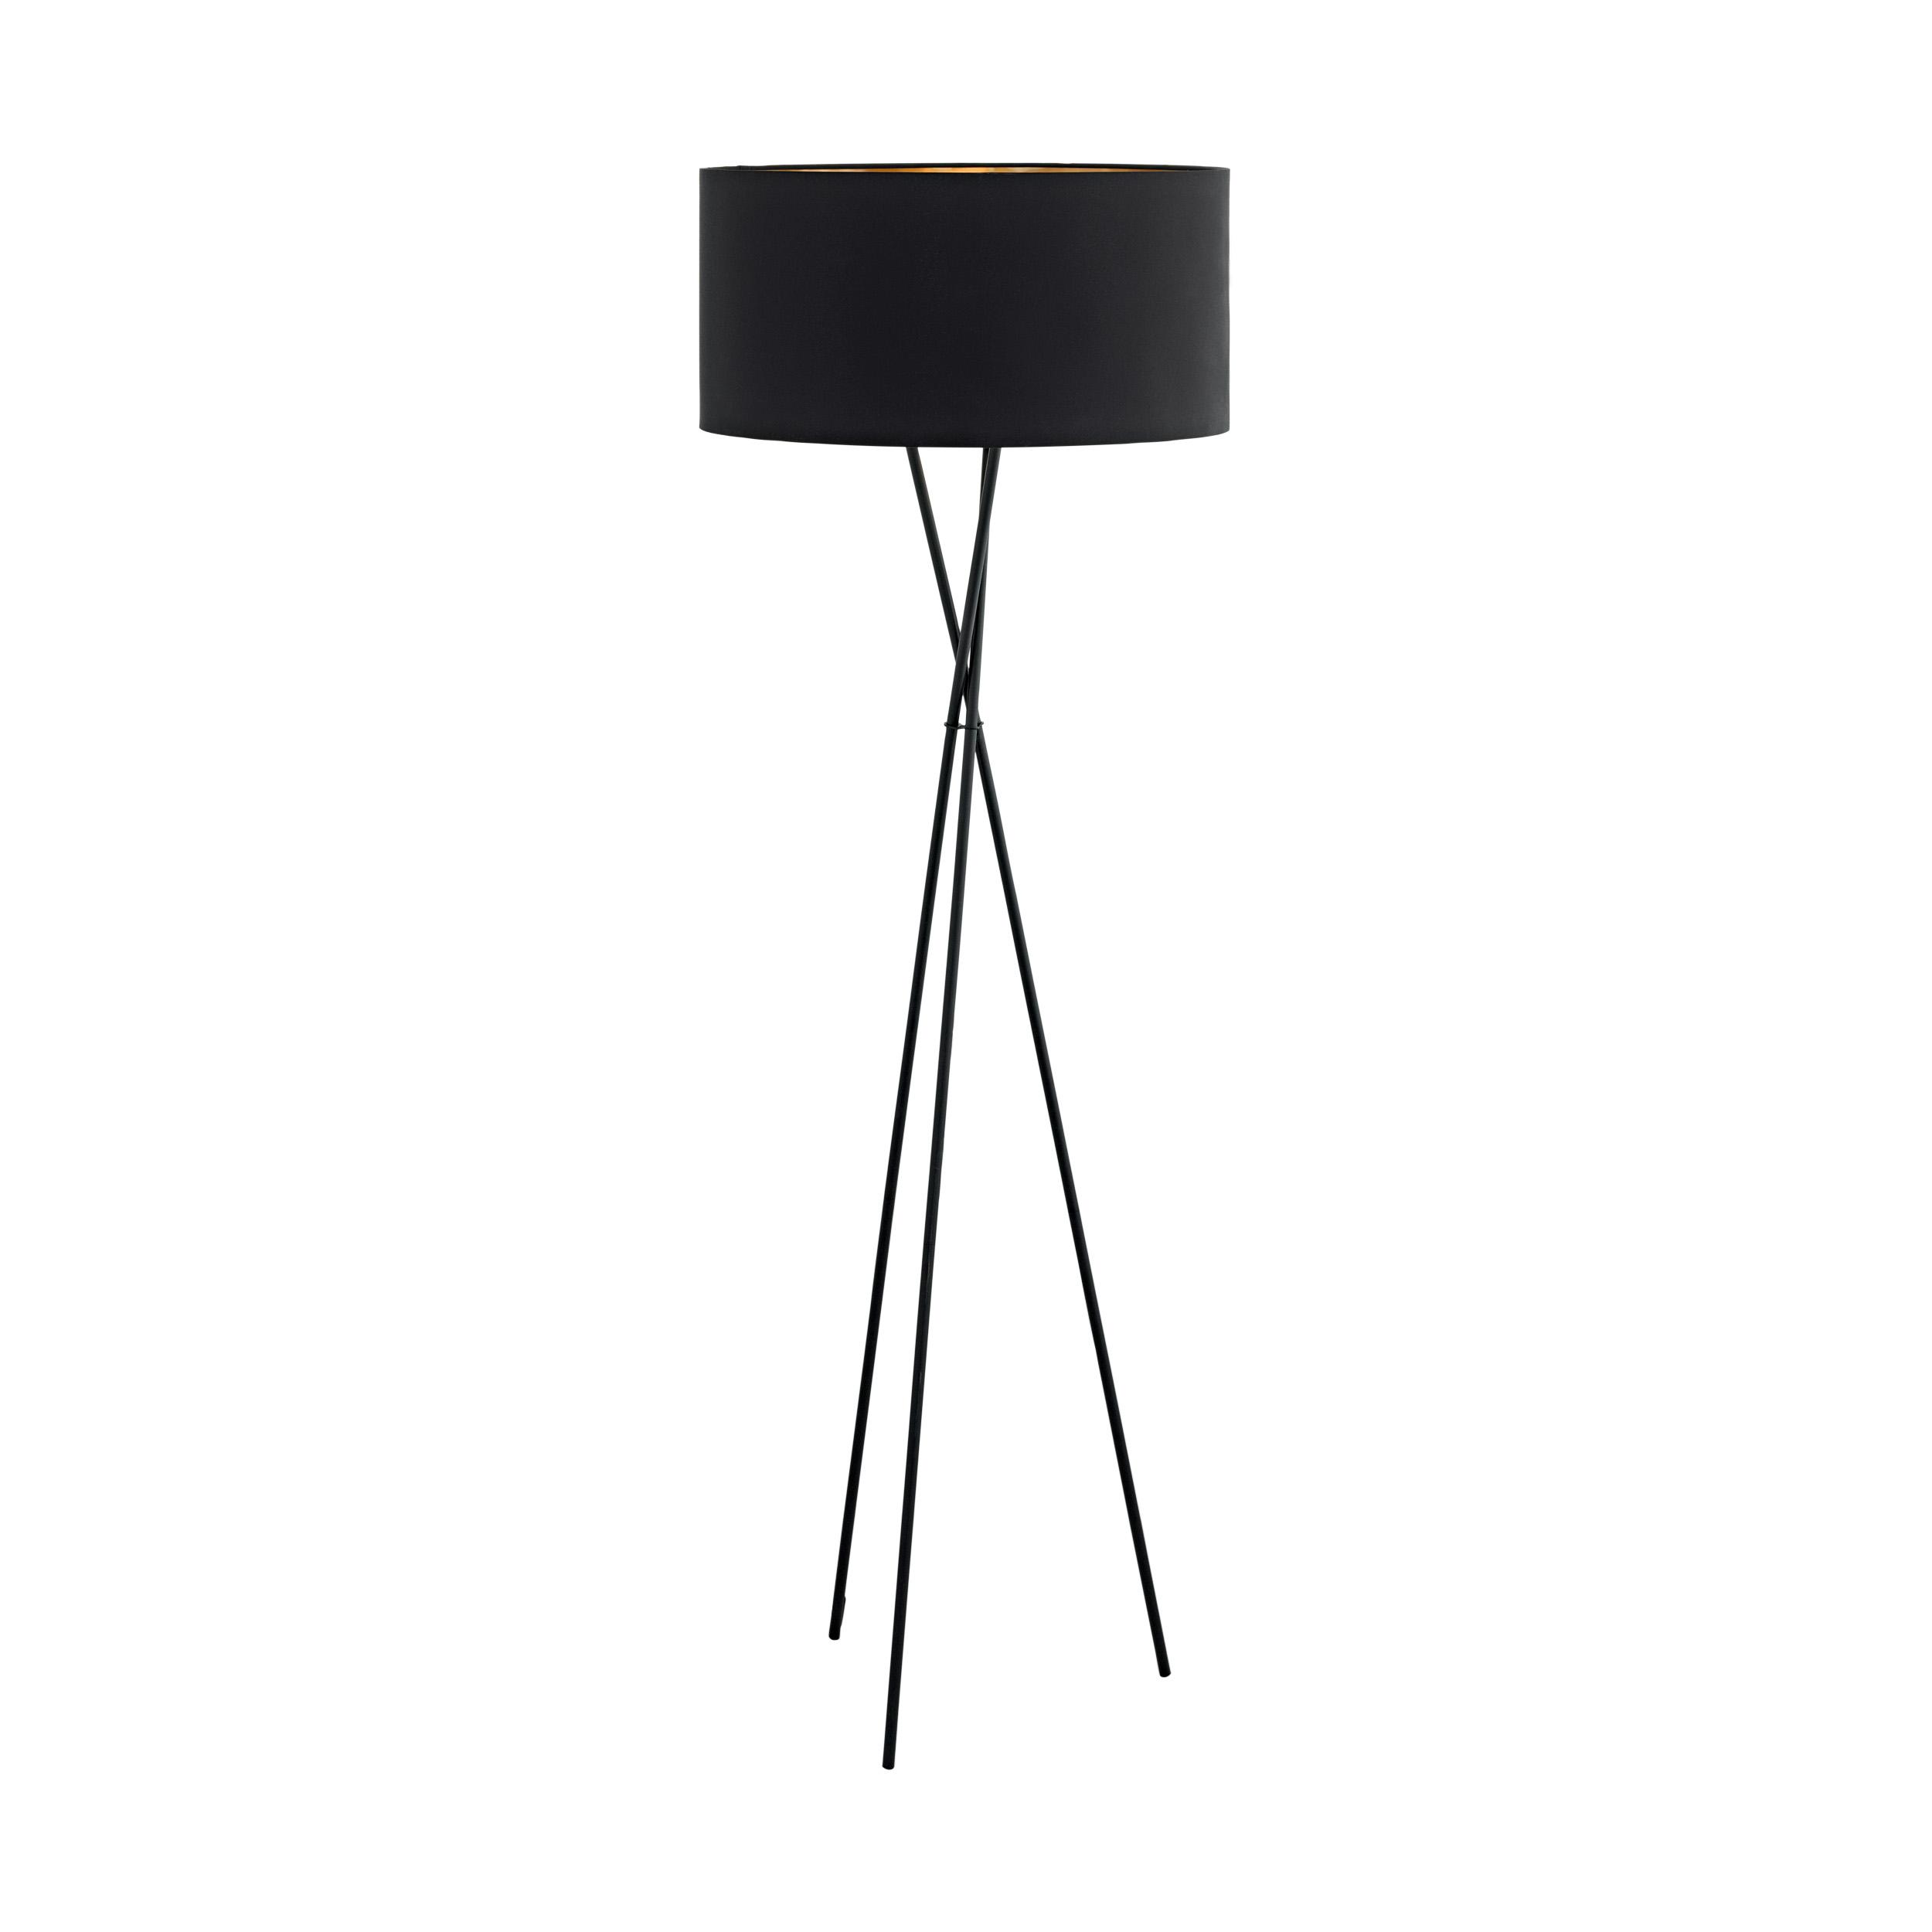 1 Stk Fondachelli E27 60W schwarz/schwarz-kupfer IP20 LI65017---